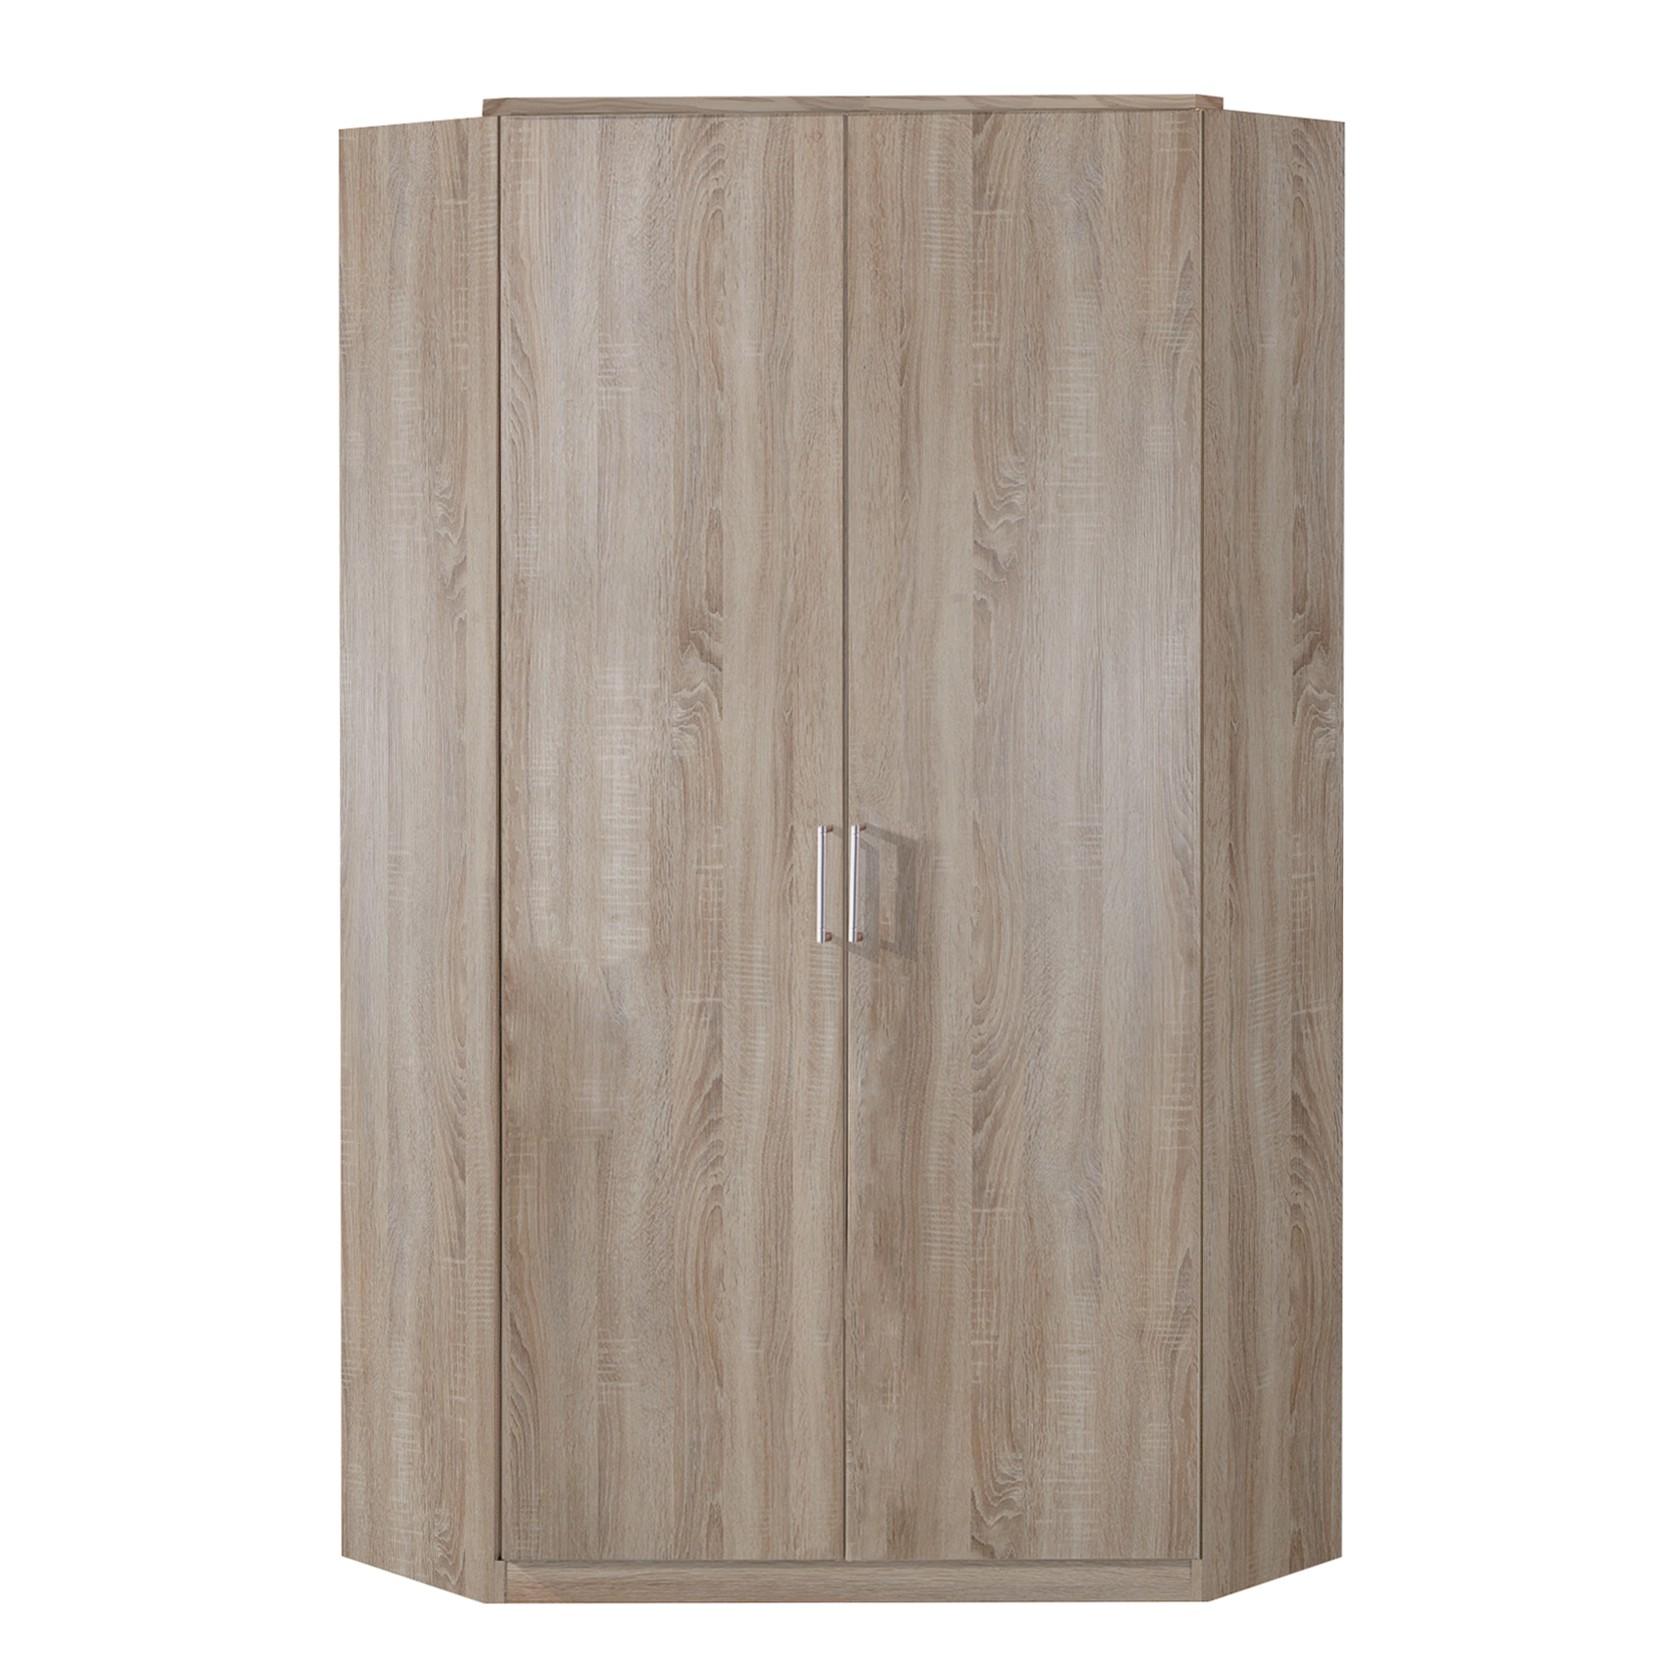 Armoire d'angle Click - Imitation chêne brut de sciage, Wimex